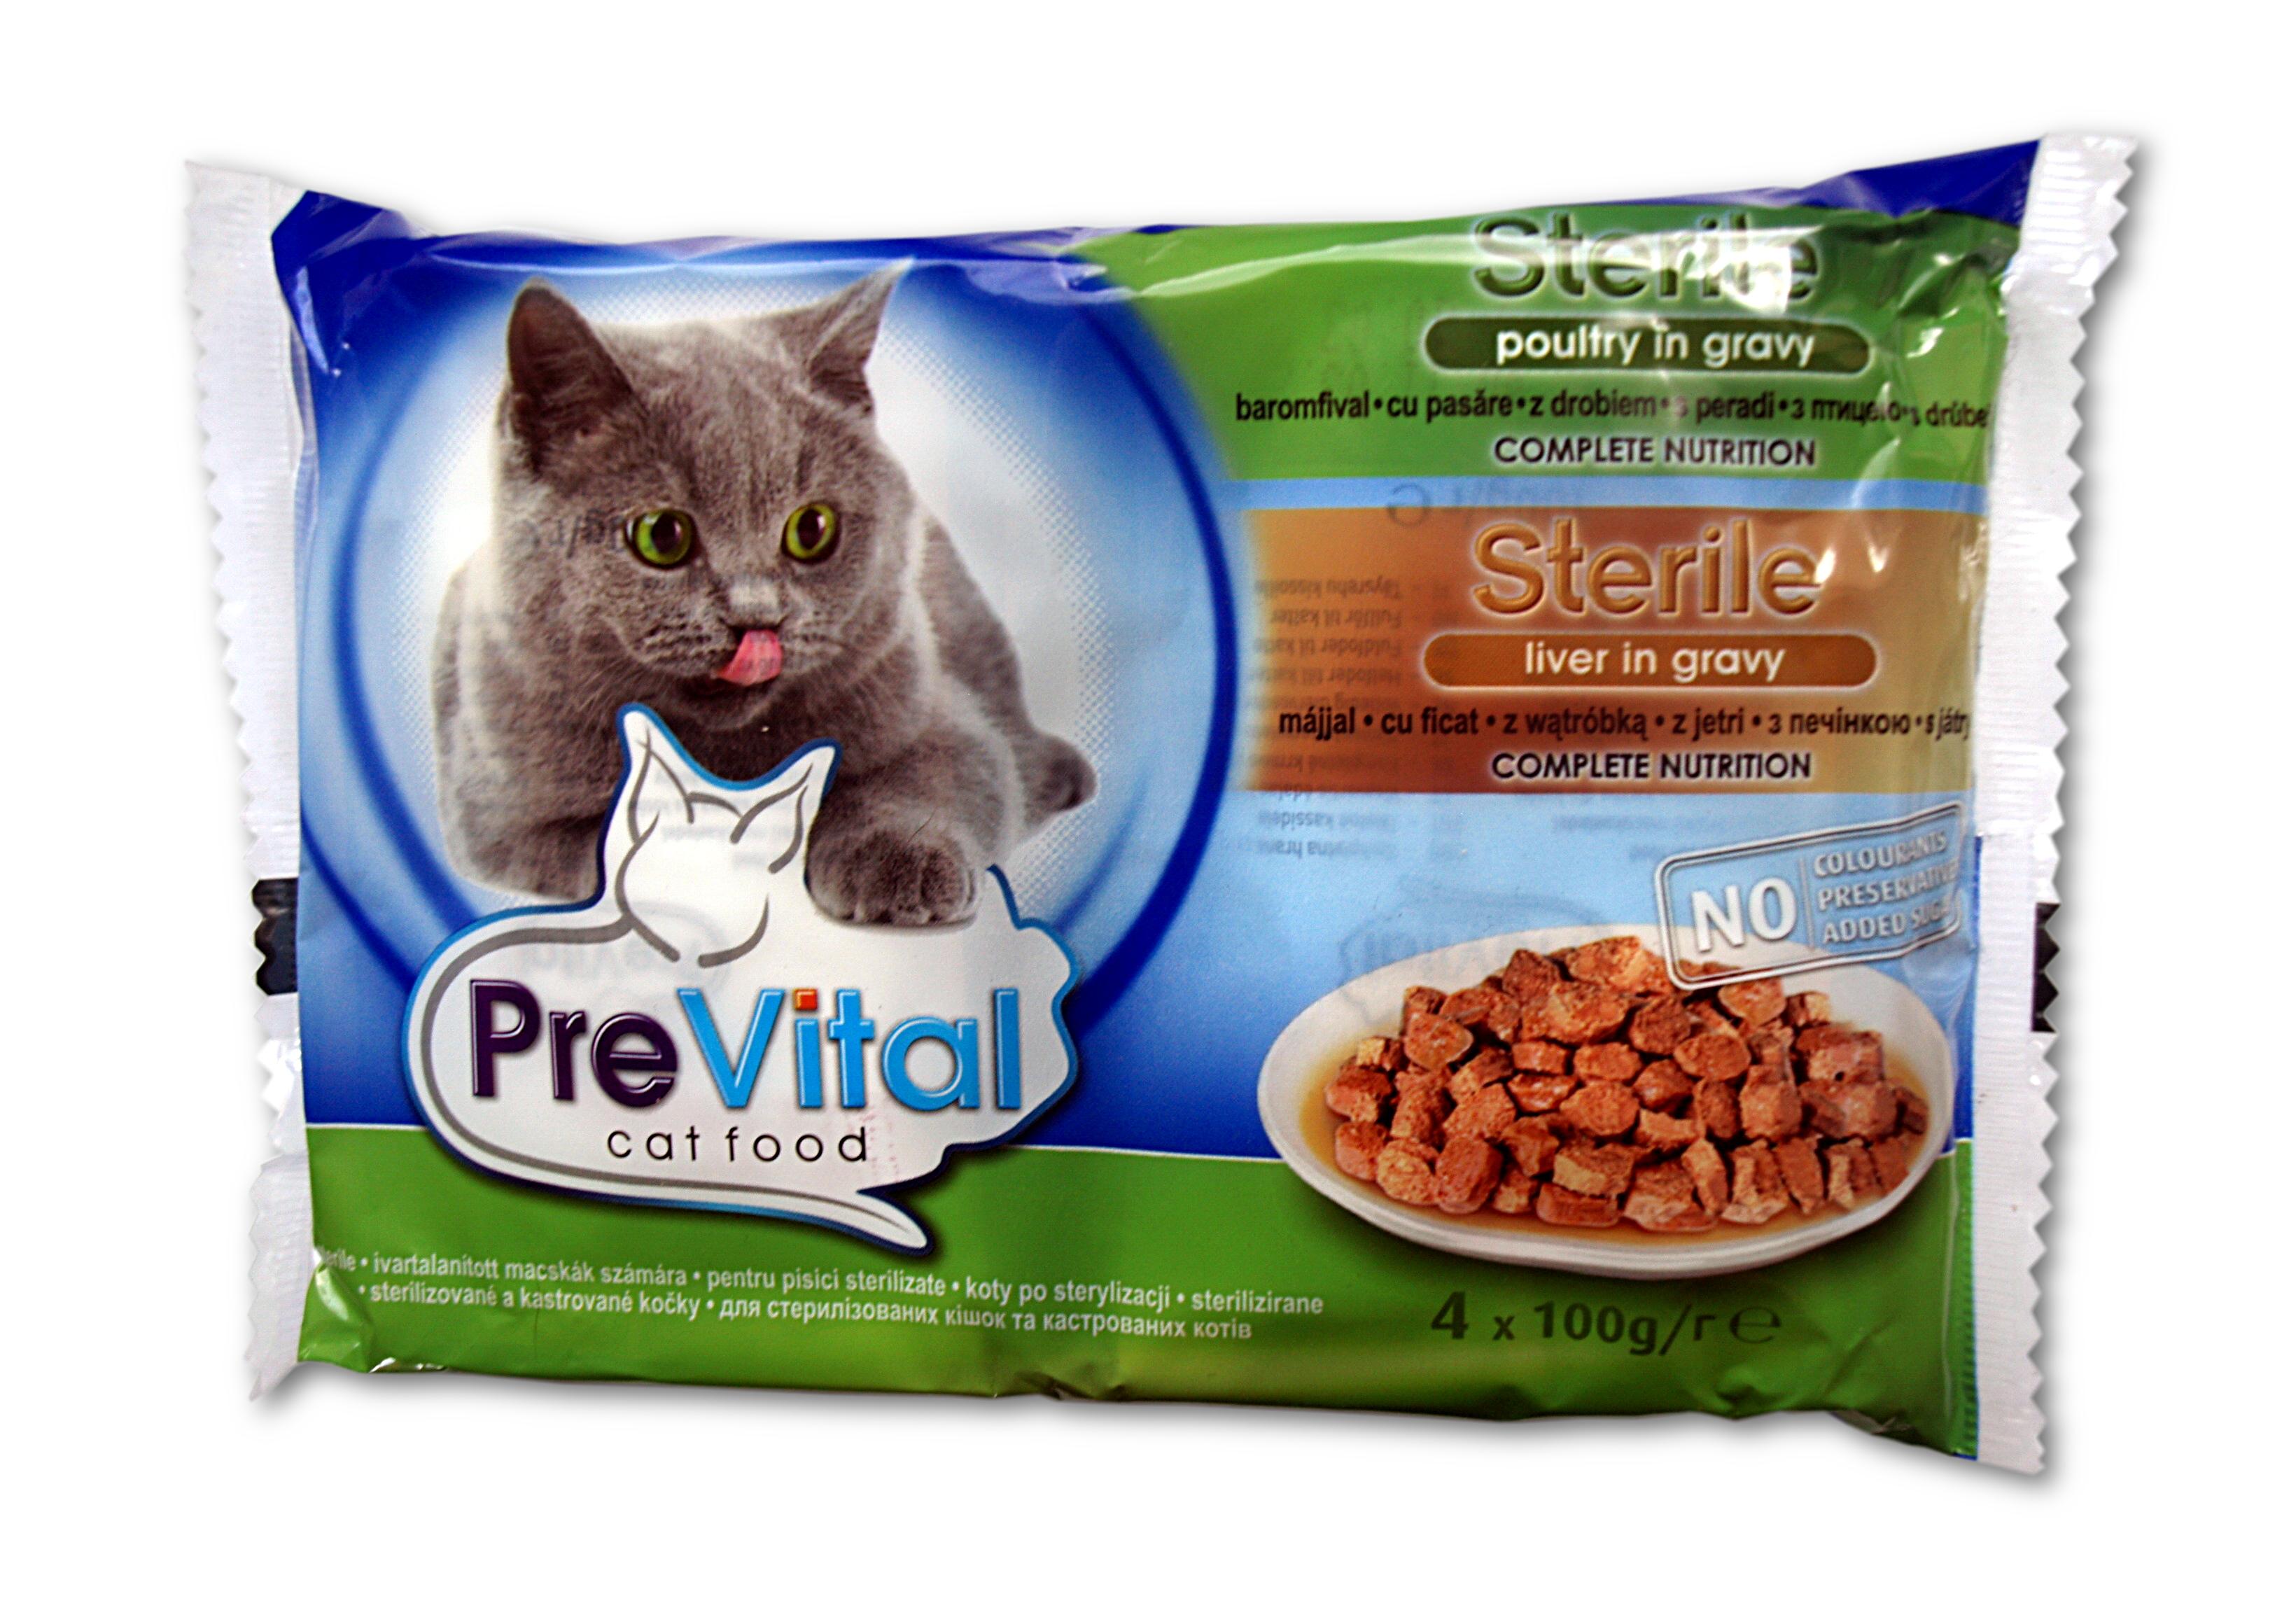 Prevital kapsa pro sterilní kočky 4x100g játra a drůbež v omáčce